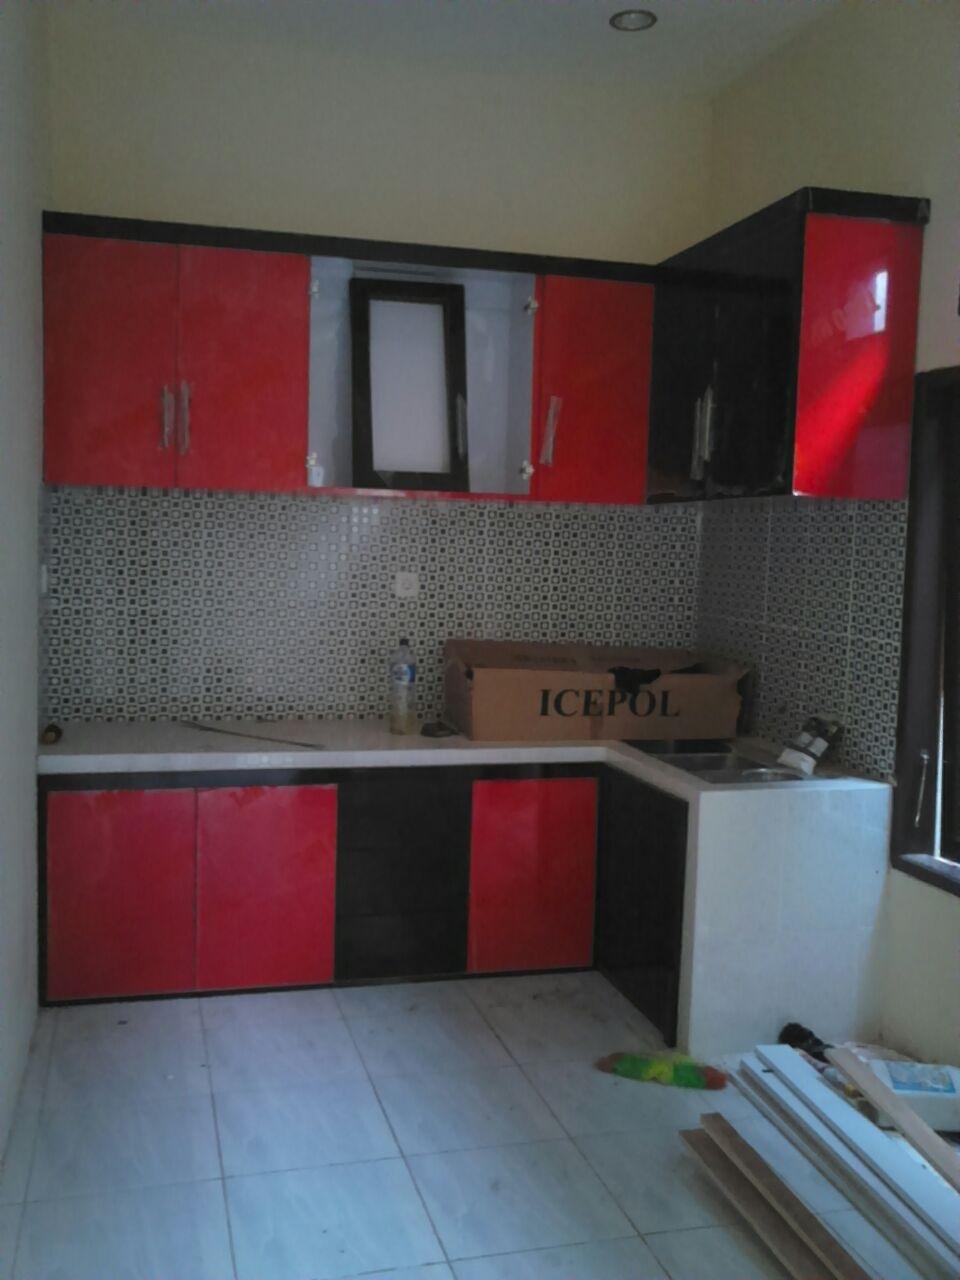 Kitchen Set Balikpapan Cv Rifqi Putra Brantas Balikpapan